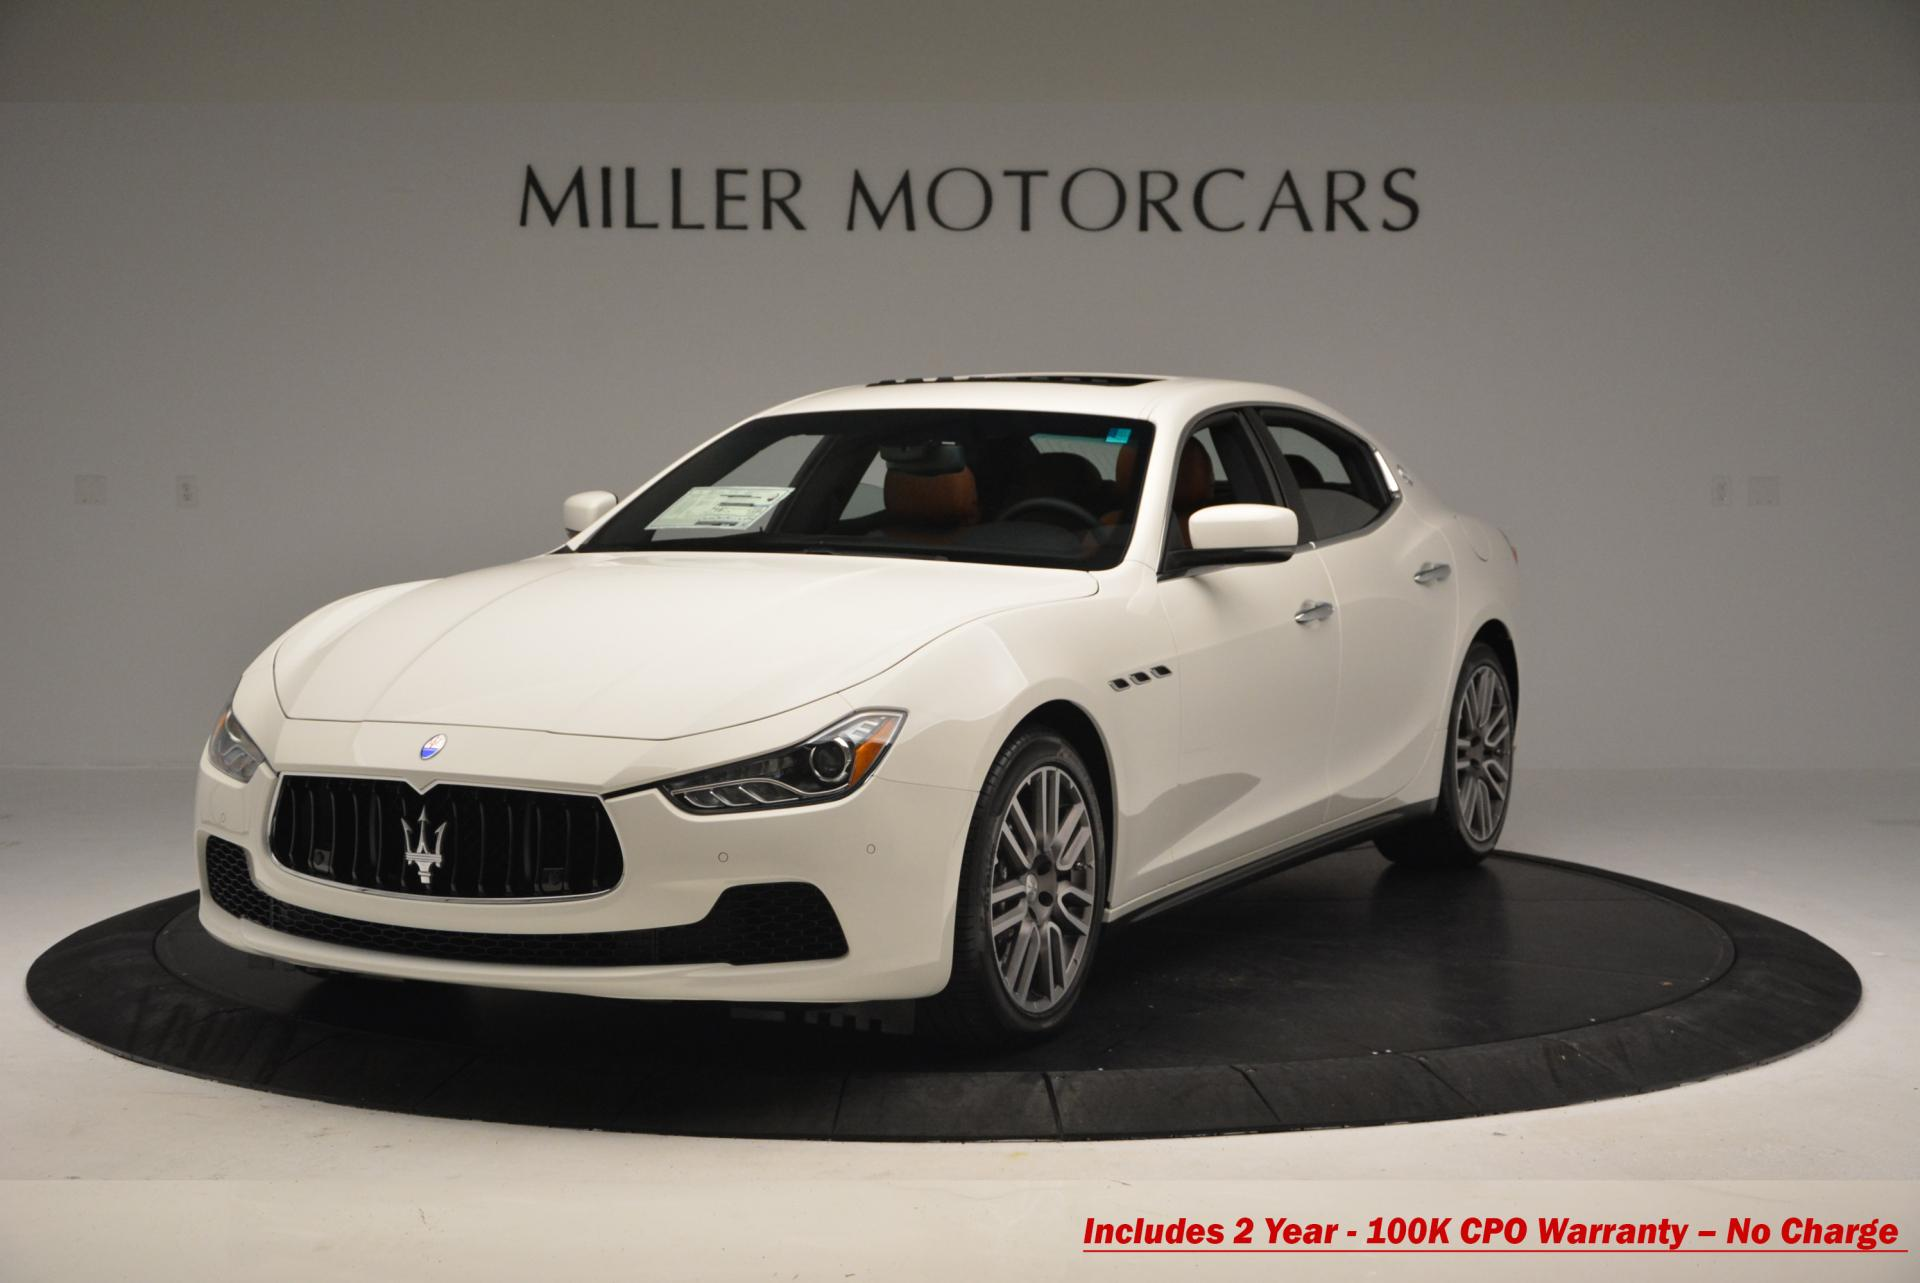 Used 2016 Maserati Ghibli S Q4 for sale Sold at Alfa Romeo of Westport in Westport CT 06880 1